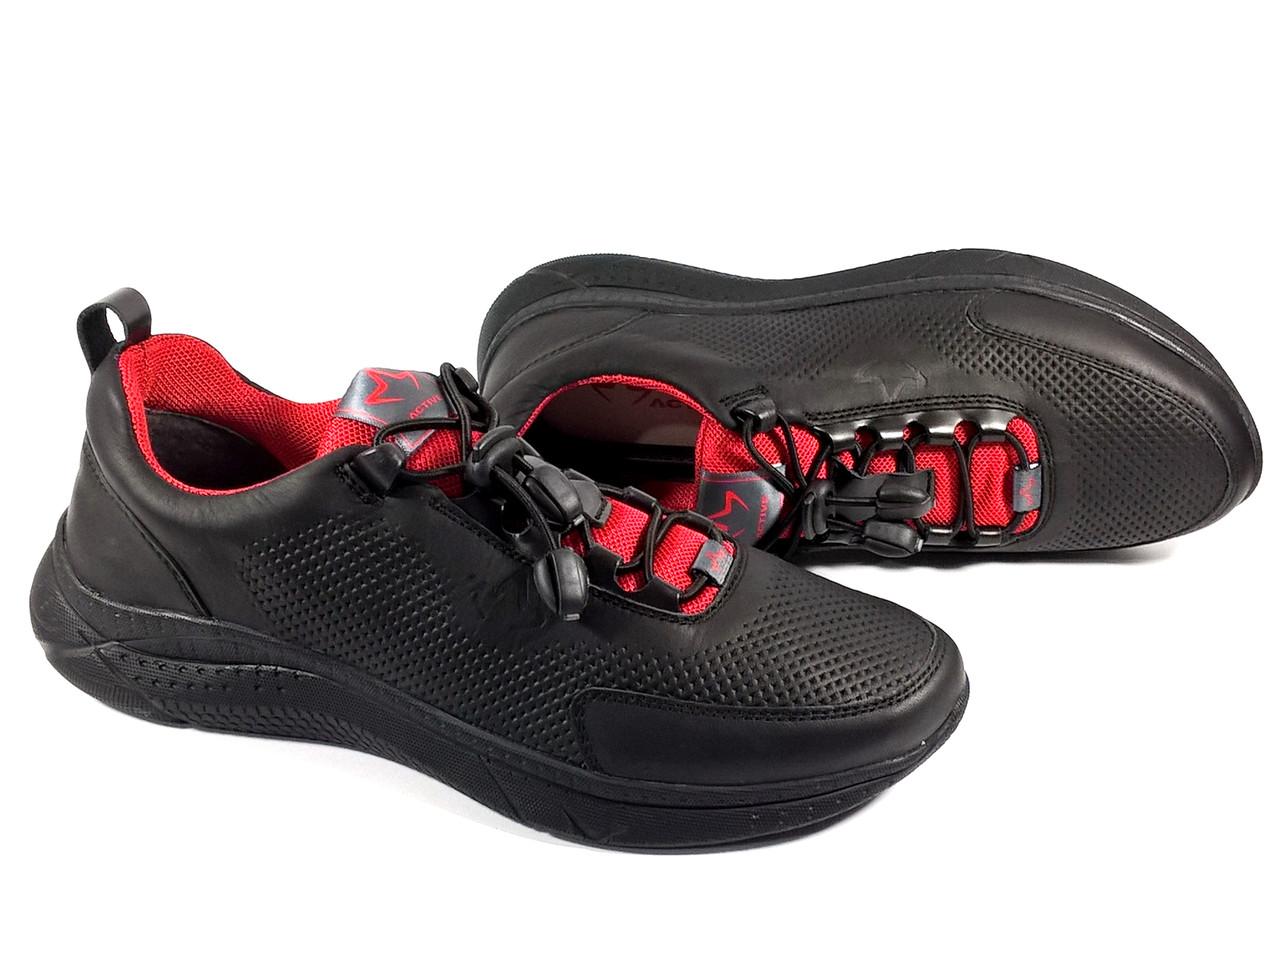 b04c5ac72 Детские кроссовки Мида 31241 чёрные, натуральная кожа - интернет-магазин